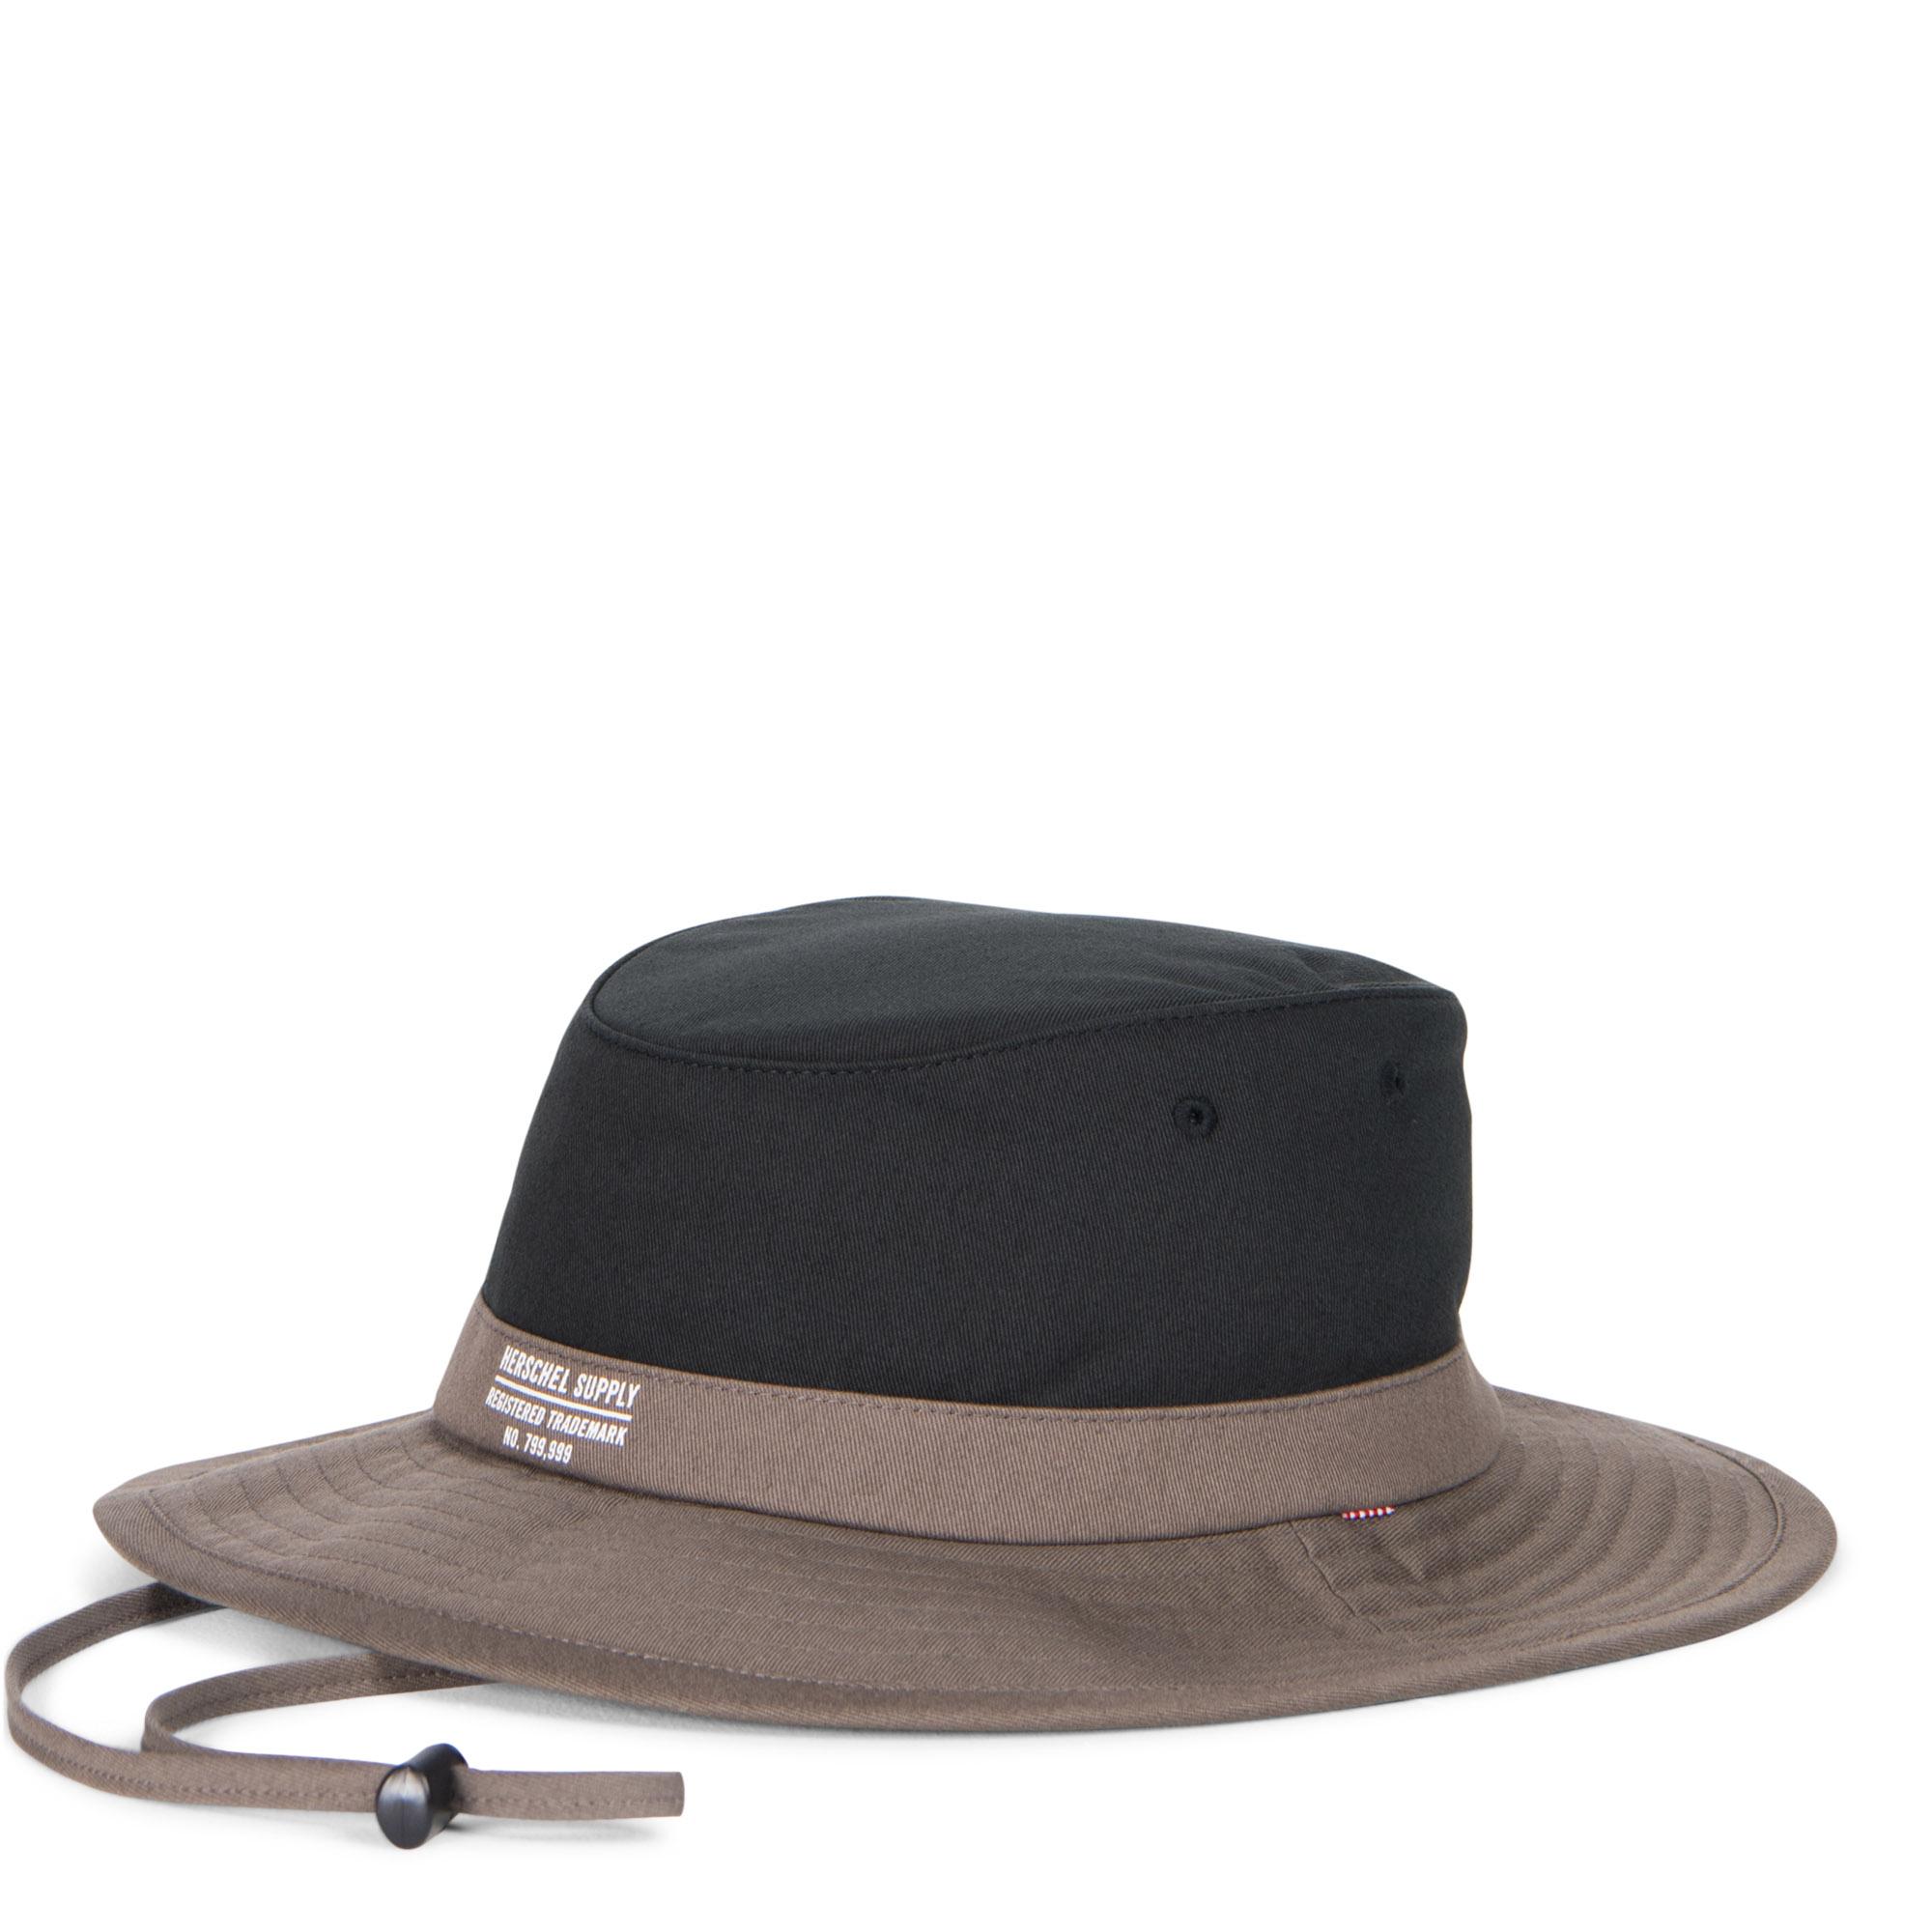 Creek Bucket Hat  c740613d0e70